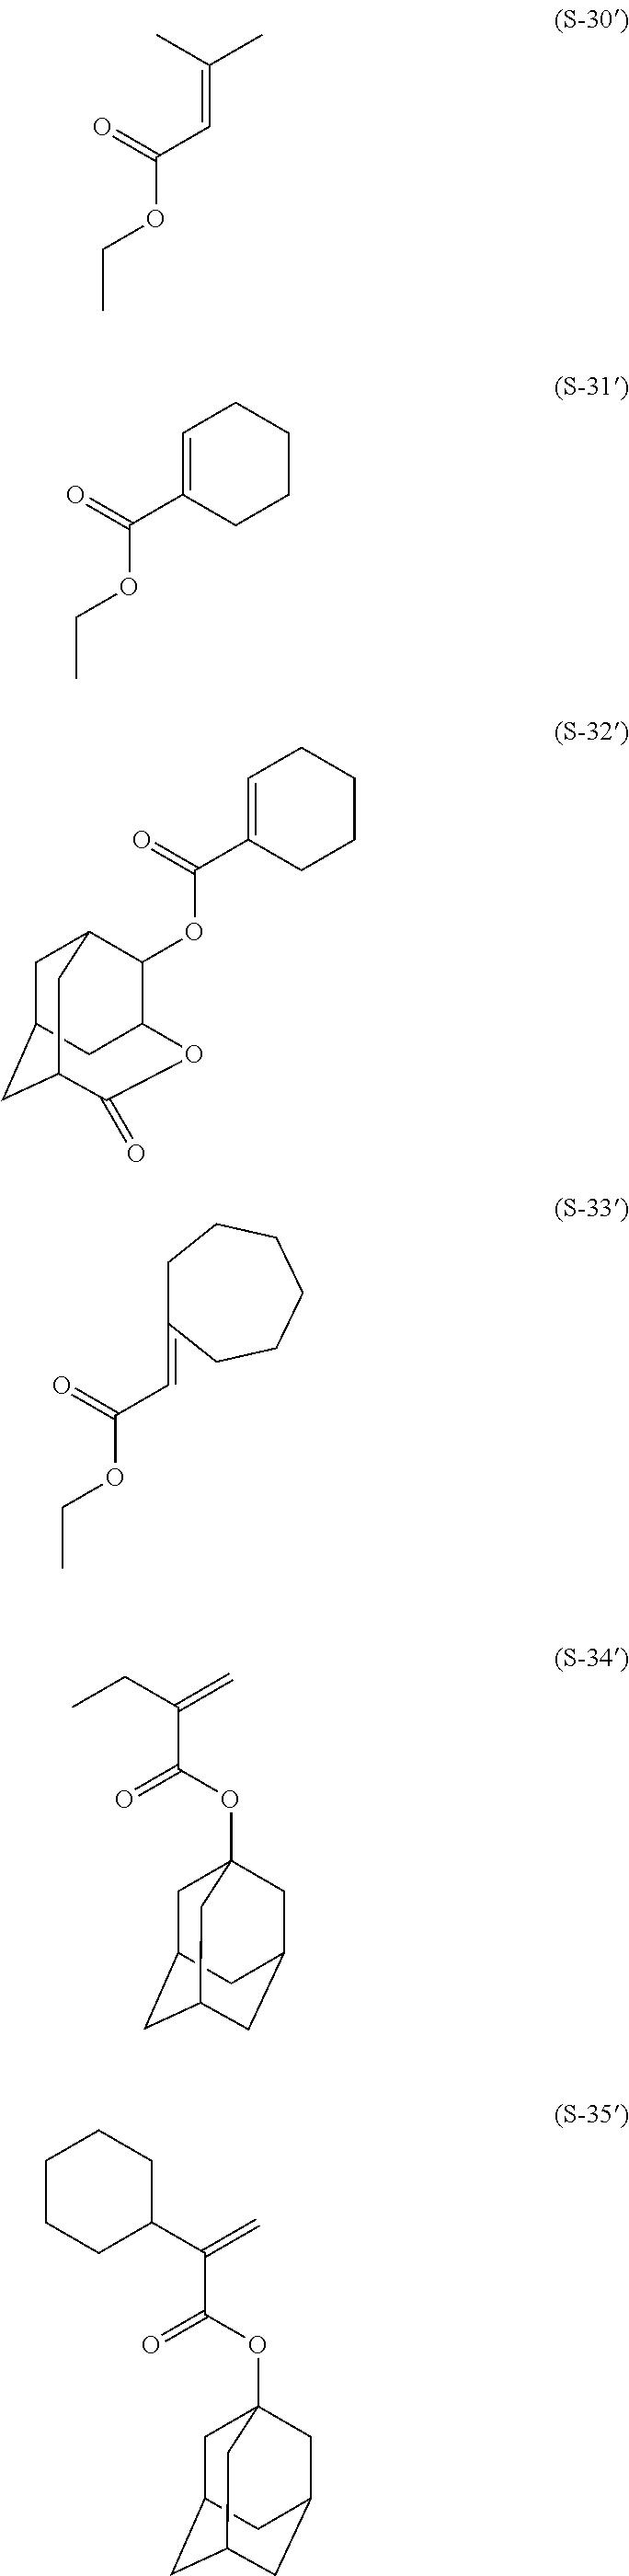 Figure US09477149-20161025-C00041